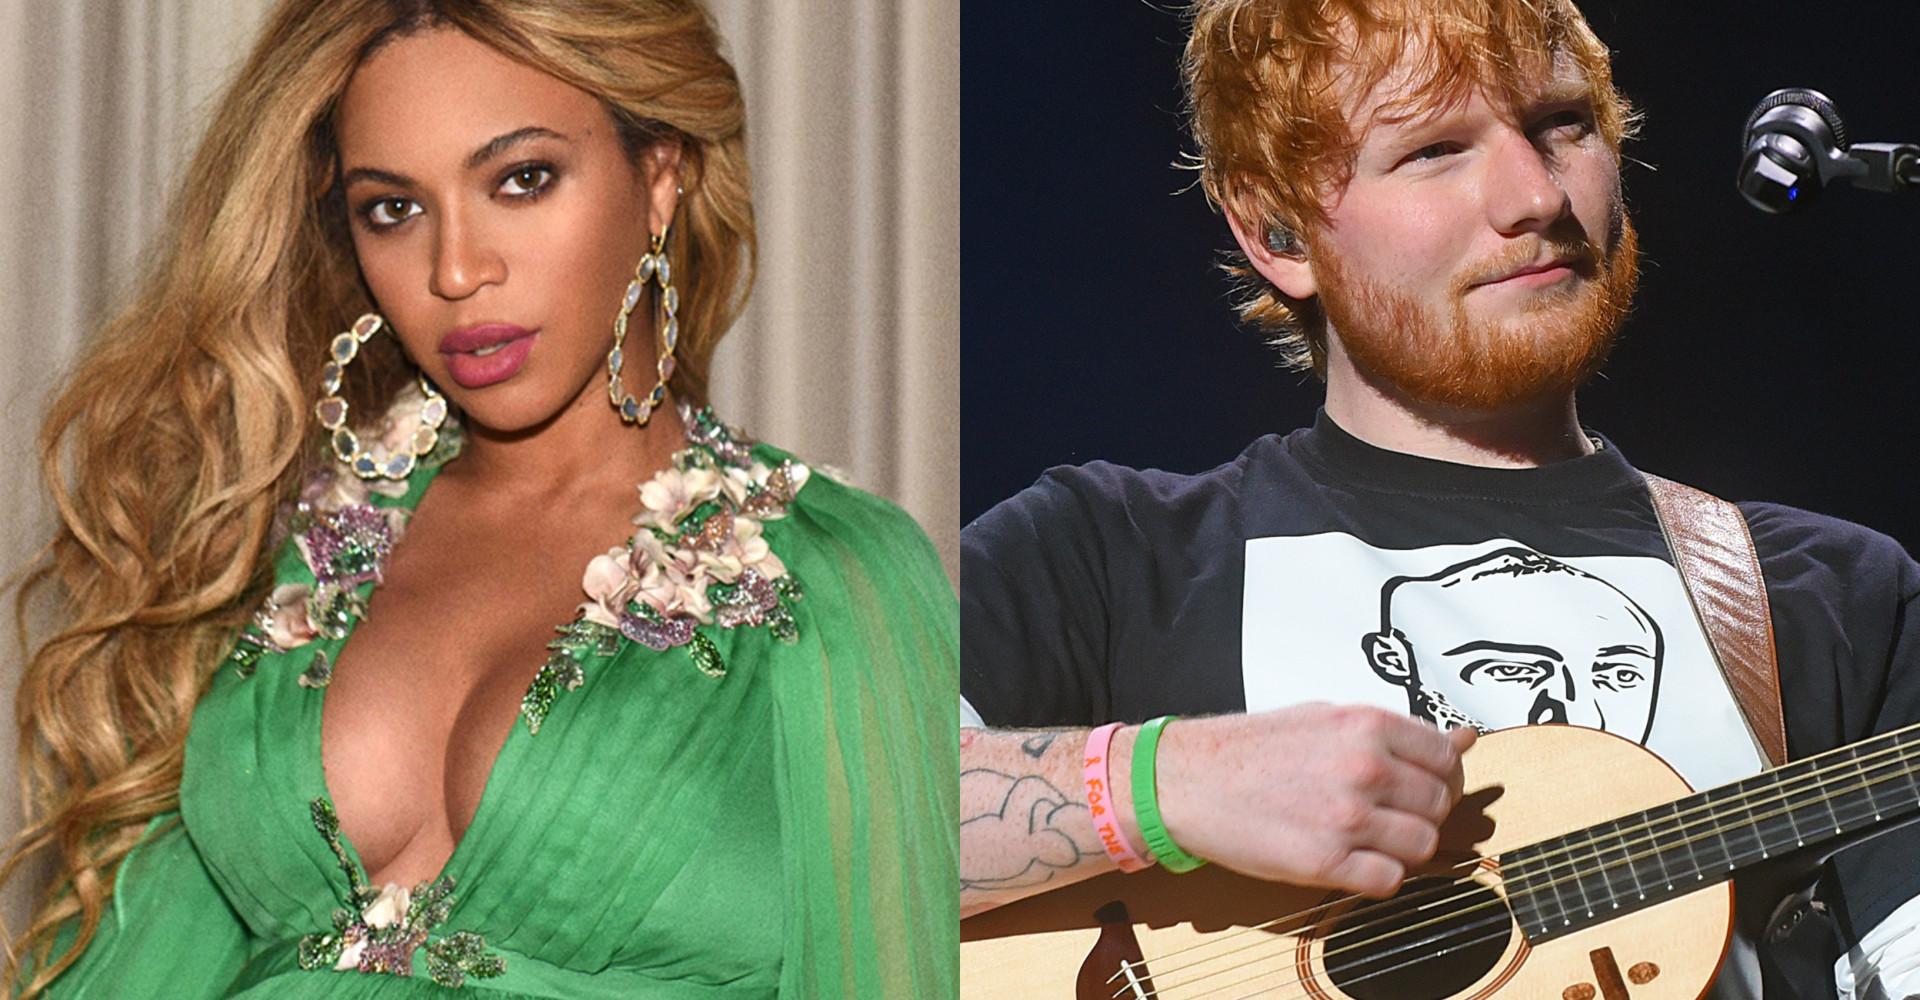 Ed Sheeran e Beyoncé: i look non coordinati e le reazioni esilaranti del pubblico